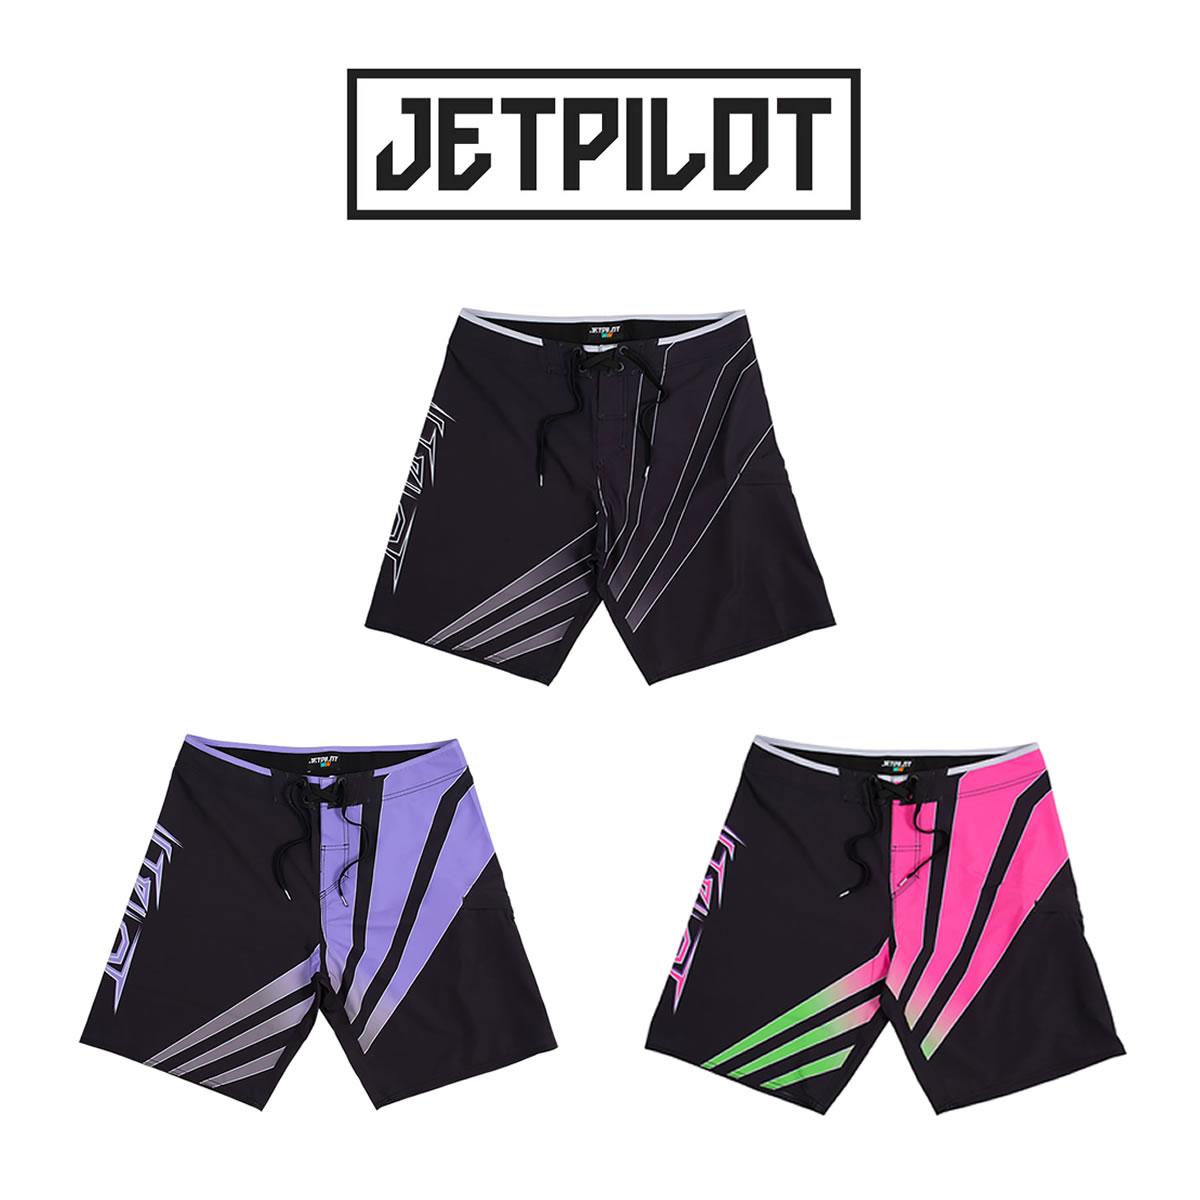 JETPILOT(ジェットパイロット)ボードショーツ SIDESWIPE(S21905)レターパックライト対応